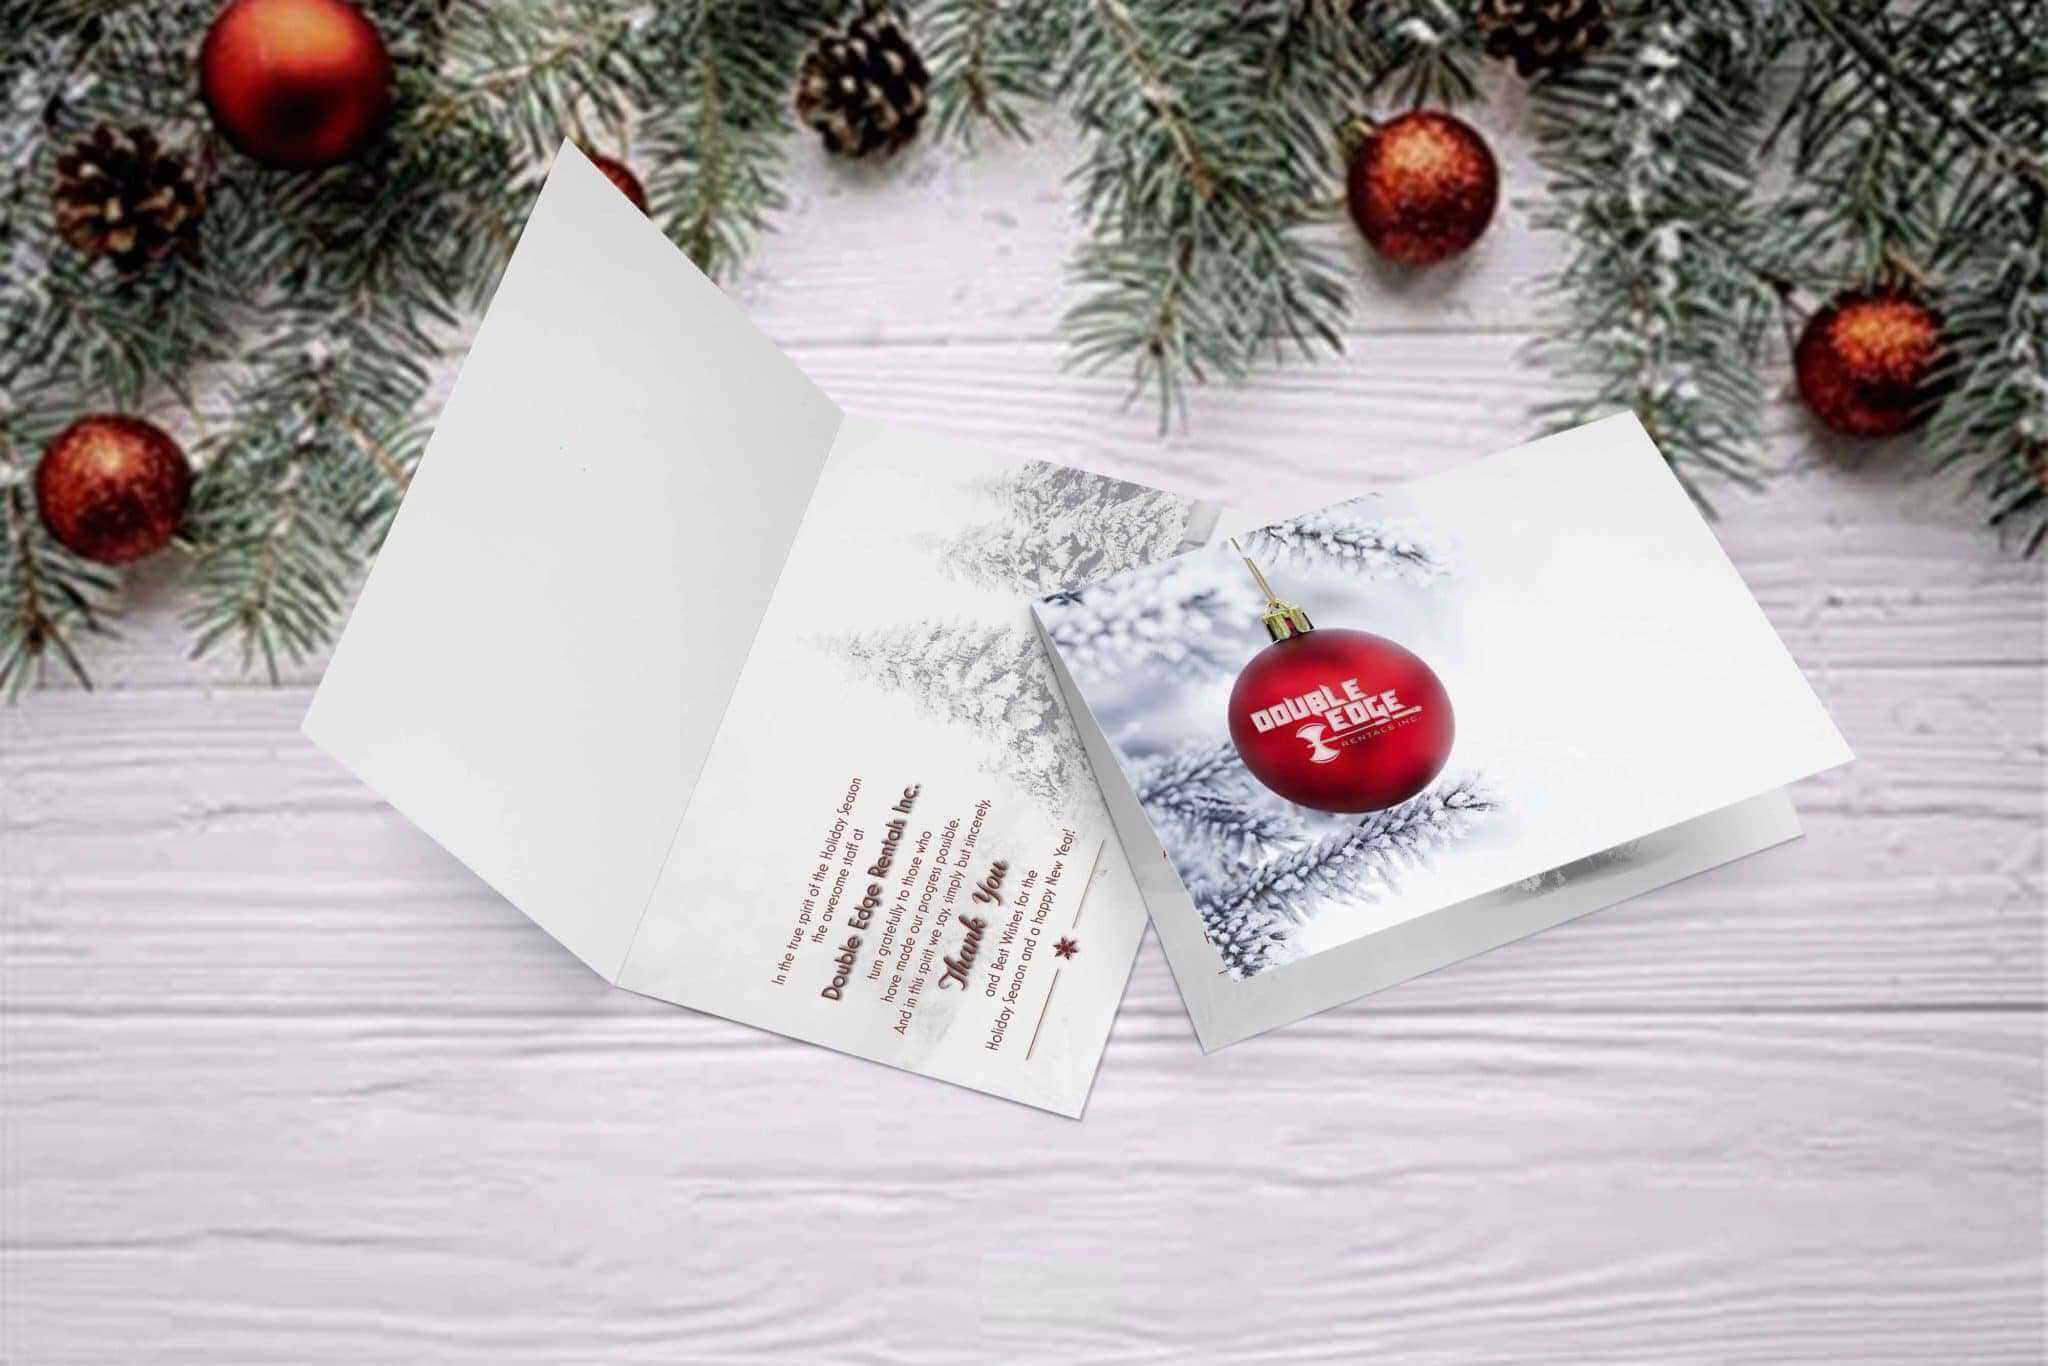 Double Edge Christmas Card Design